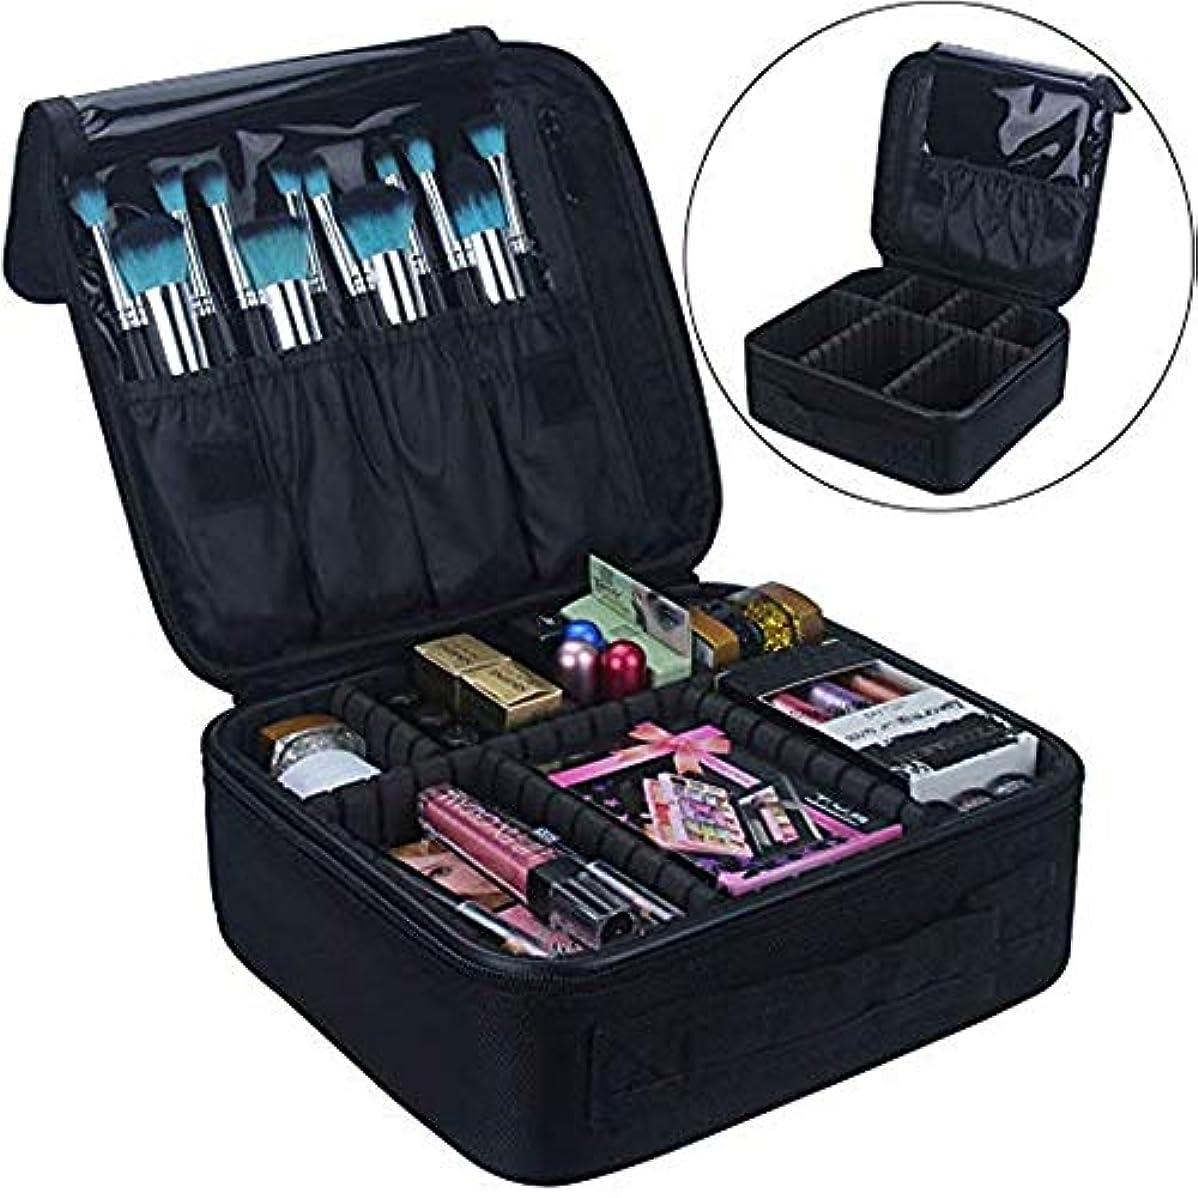 化粧オーガナイザーバッグ 調節可能な仕切りが付いている携帯用旅行化粧袋の化粧箱の小型旅行のオルガナイザーの収納箱(白及び黒) 化粧品ケース (サイズ : S)